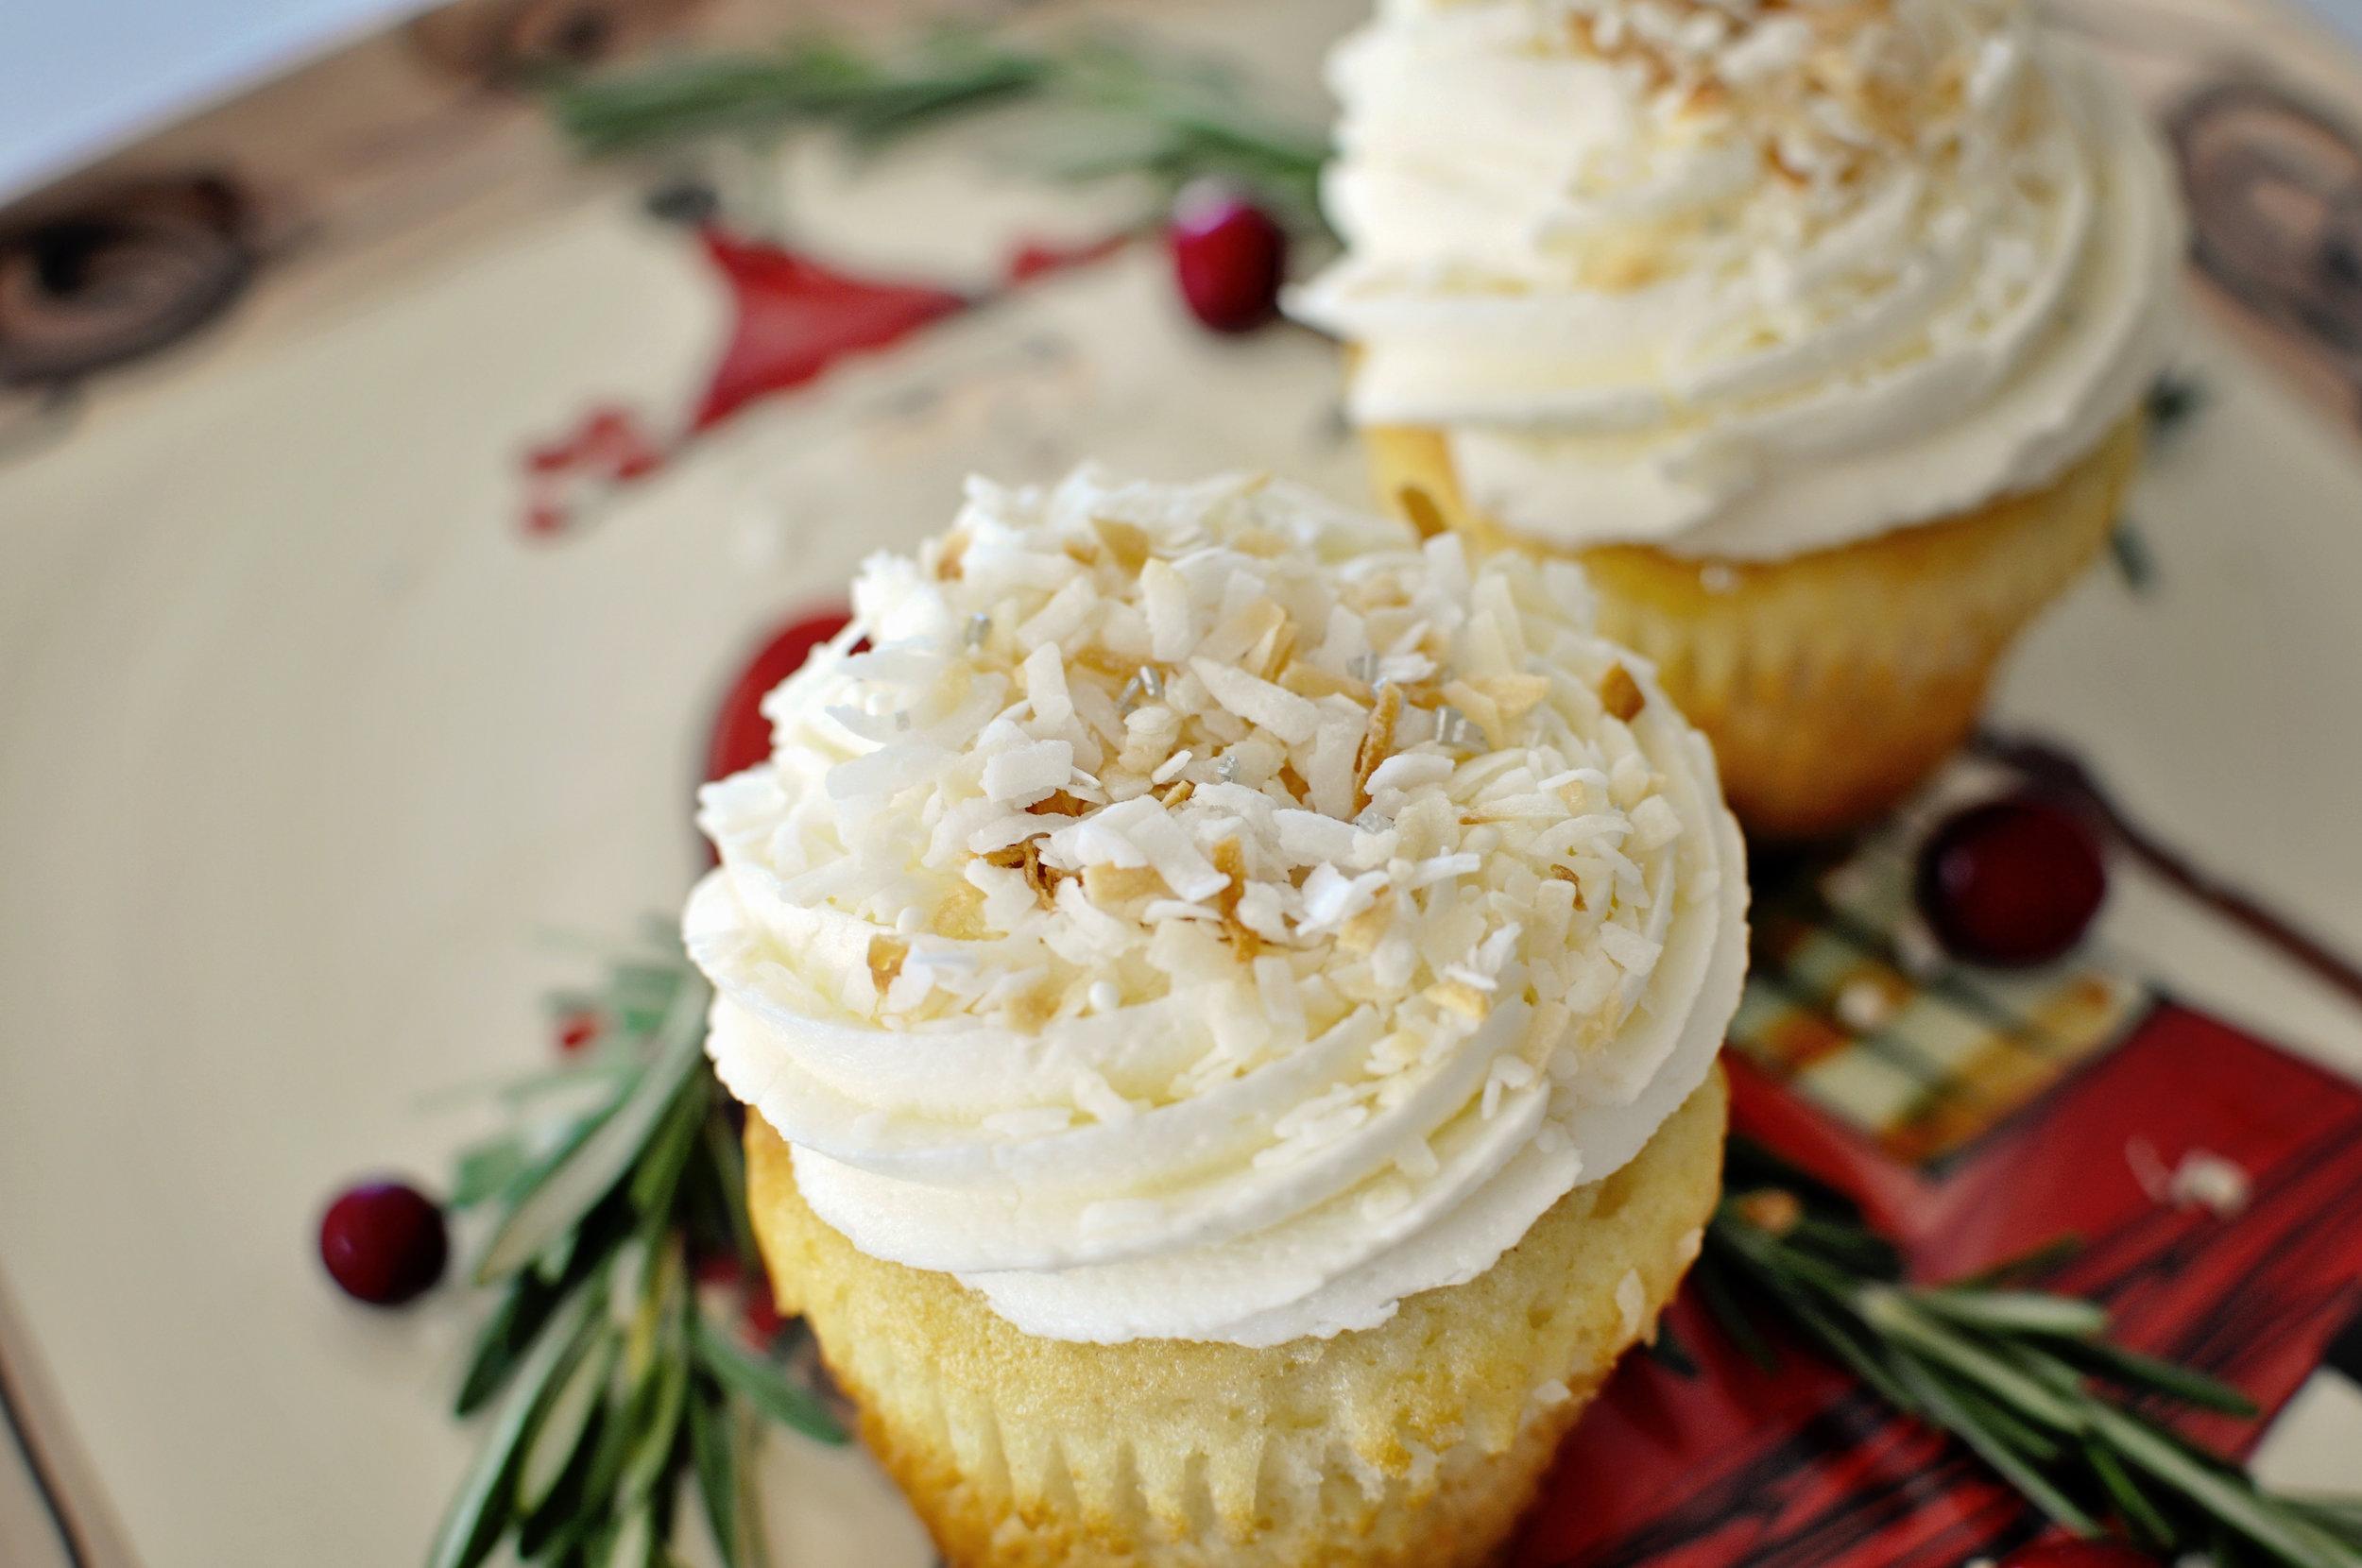 CoconutCupcakes0602.jpg